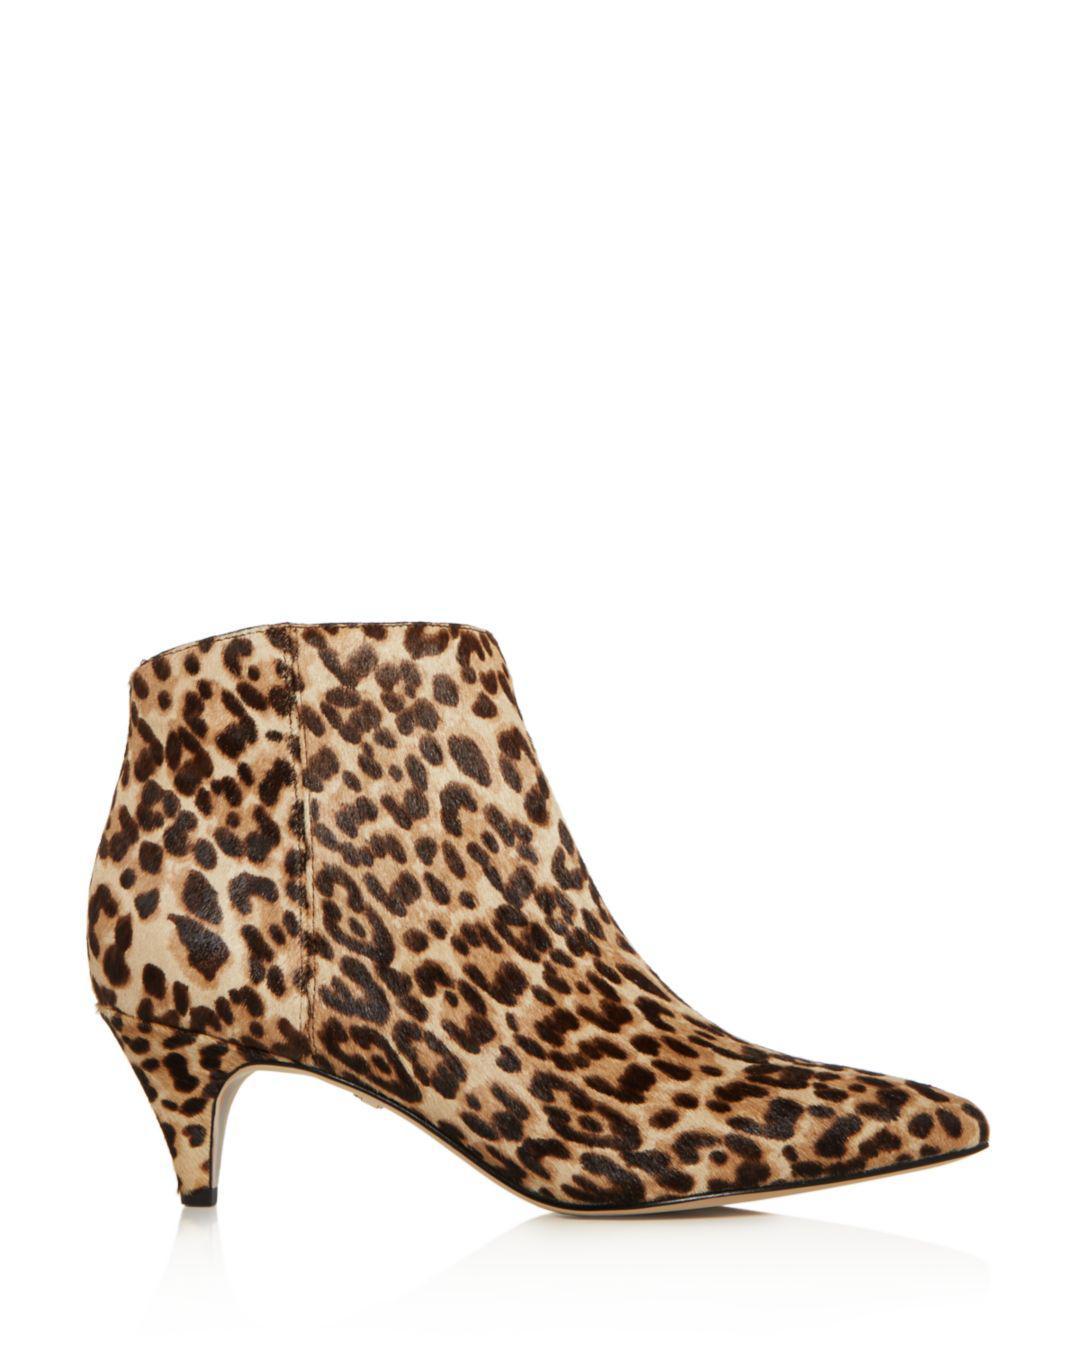 478dd11d4 Lyst - Sam Edelman Women s Kinzey Leopard Print Calf Hair Kitten ...